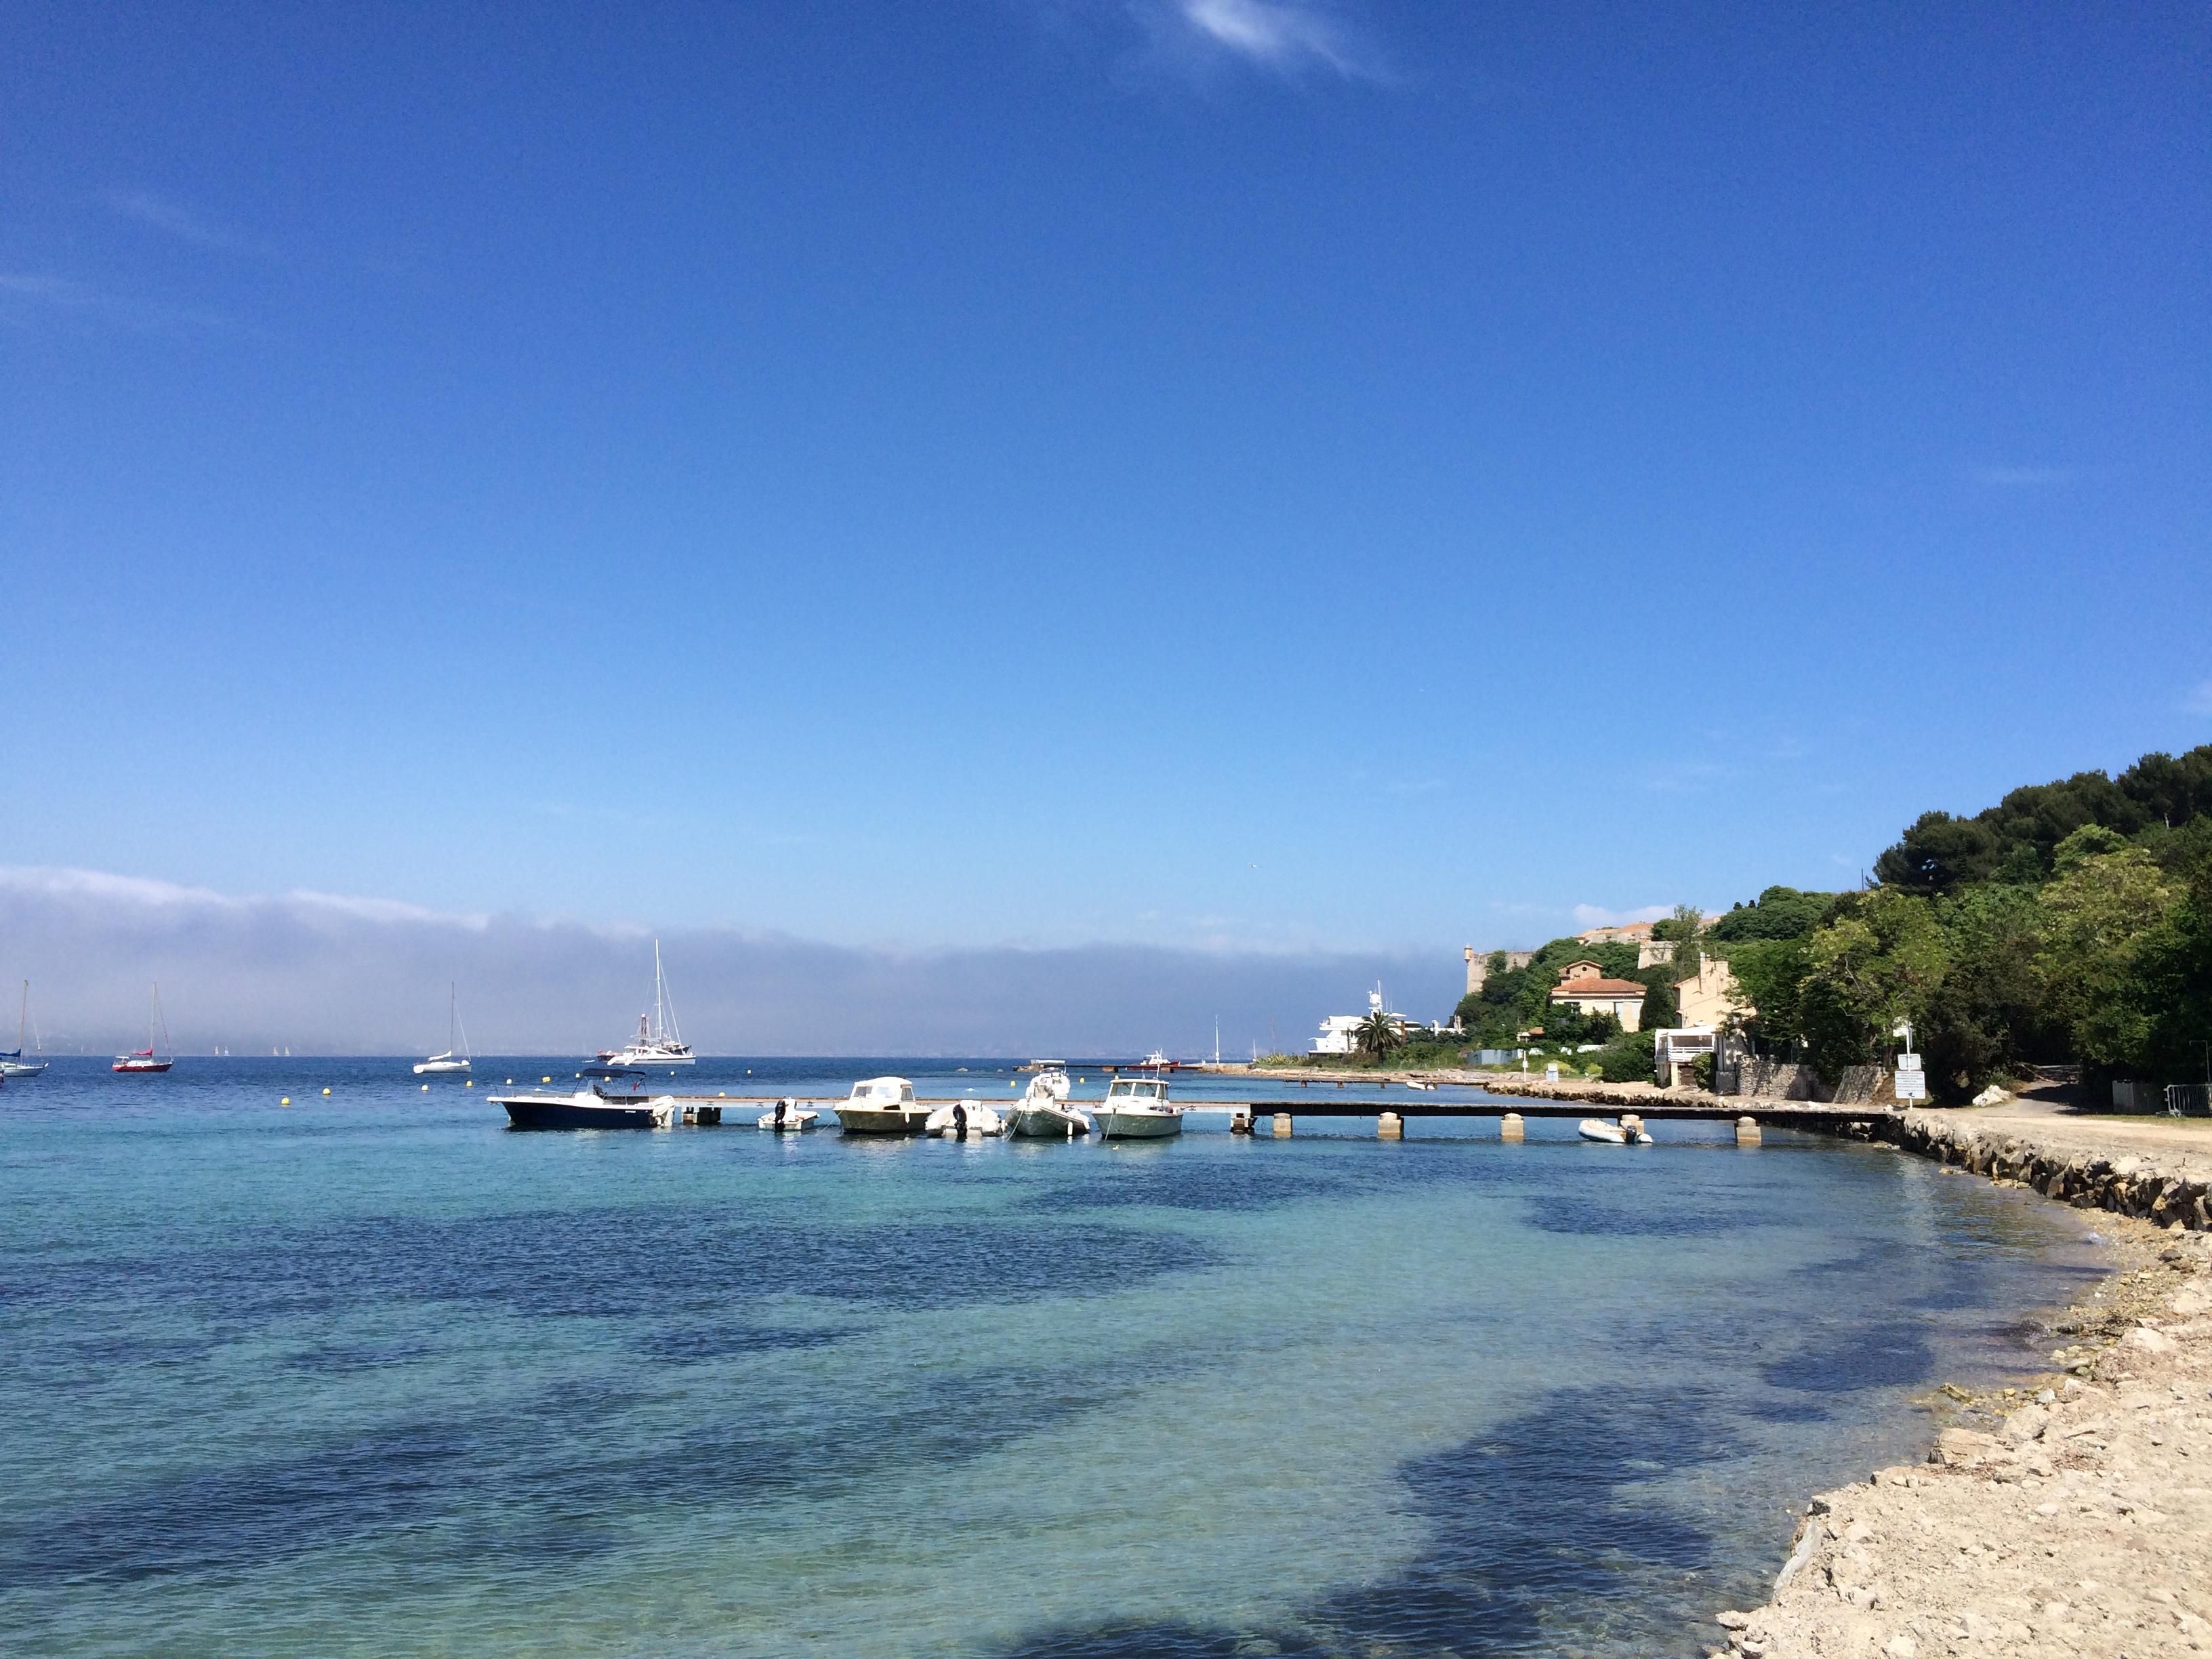 Île Sainte-Marguerite. Photo : Marie-Julie Gagnon